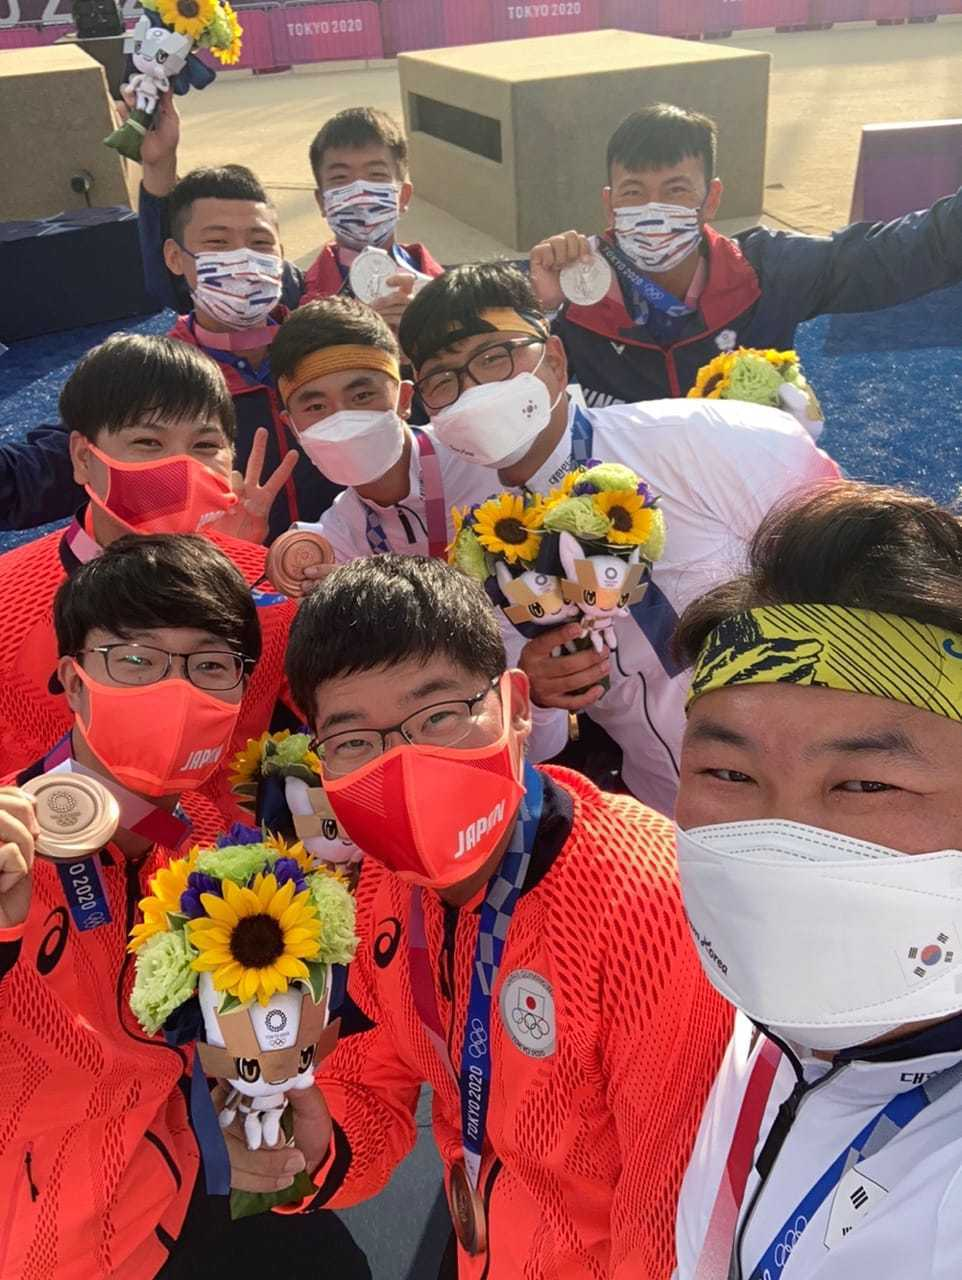 亞洲射箭聯盟在臉書公開三代表團自拍合照的「正面照」,獲得好評。 圖/擷取自亞洲射